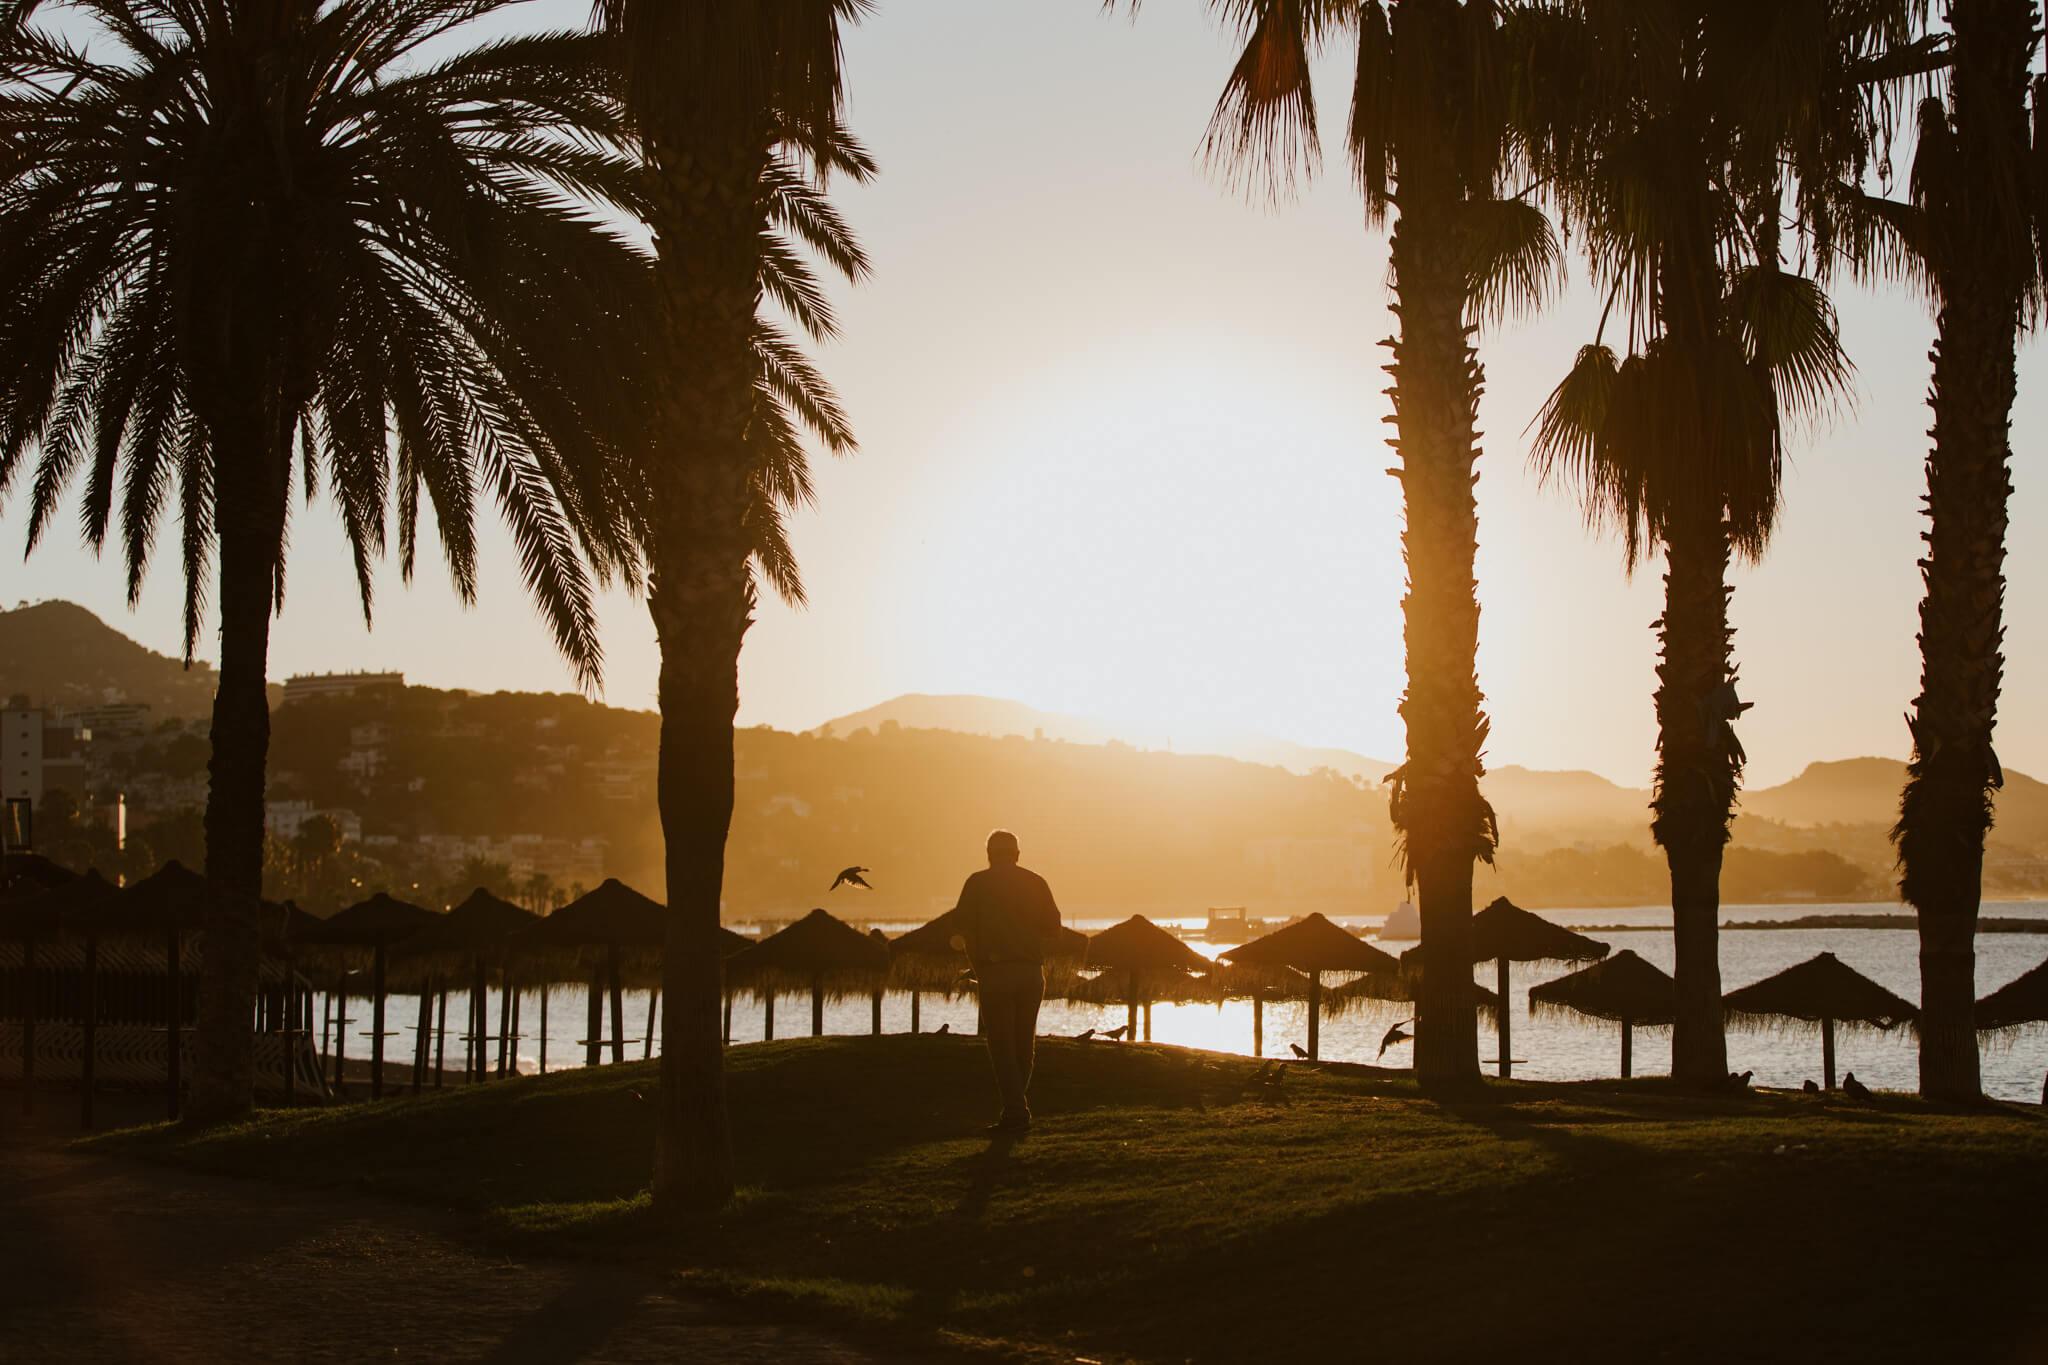 Spain-Travel-Photography-Natalie-Skoric-6.jpg